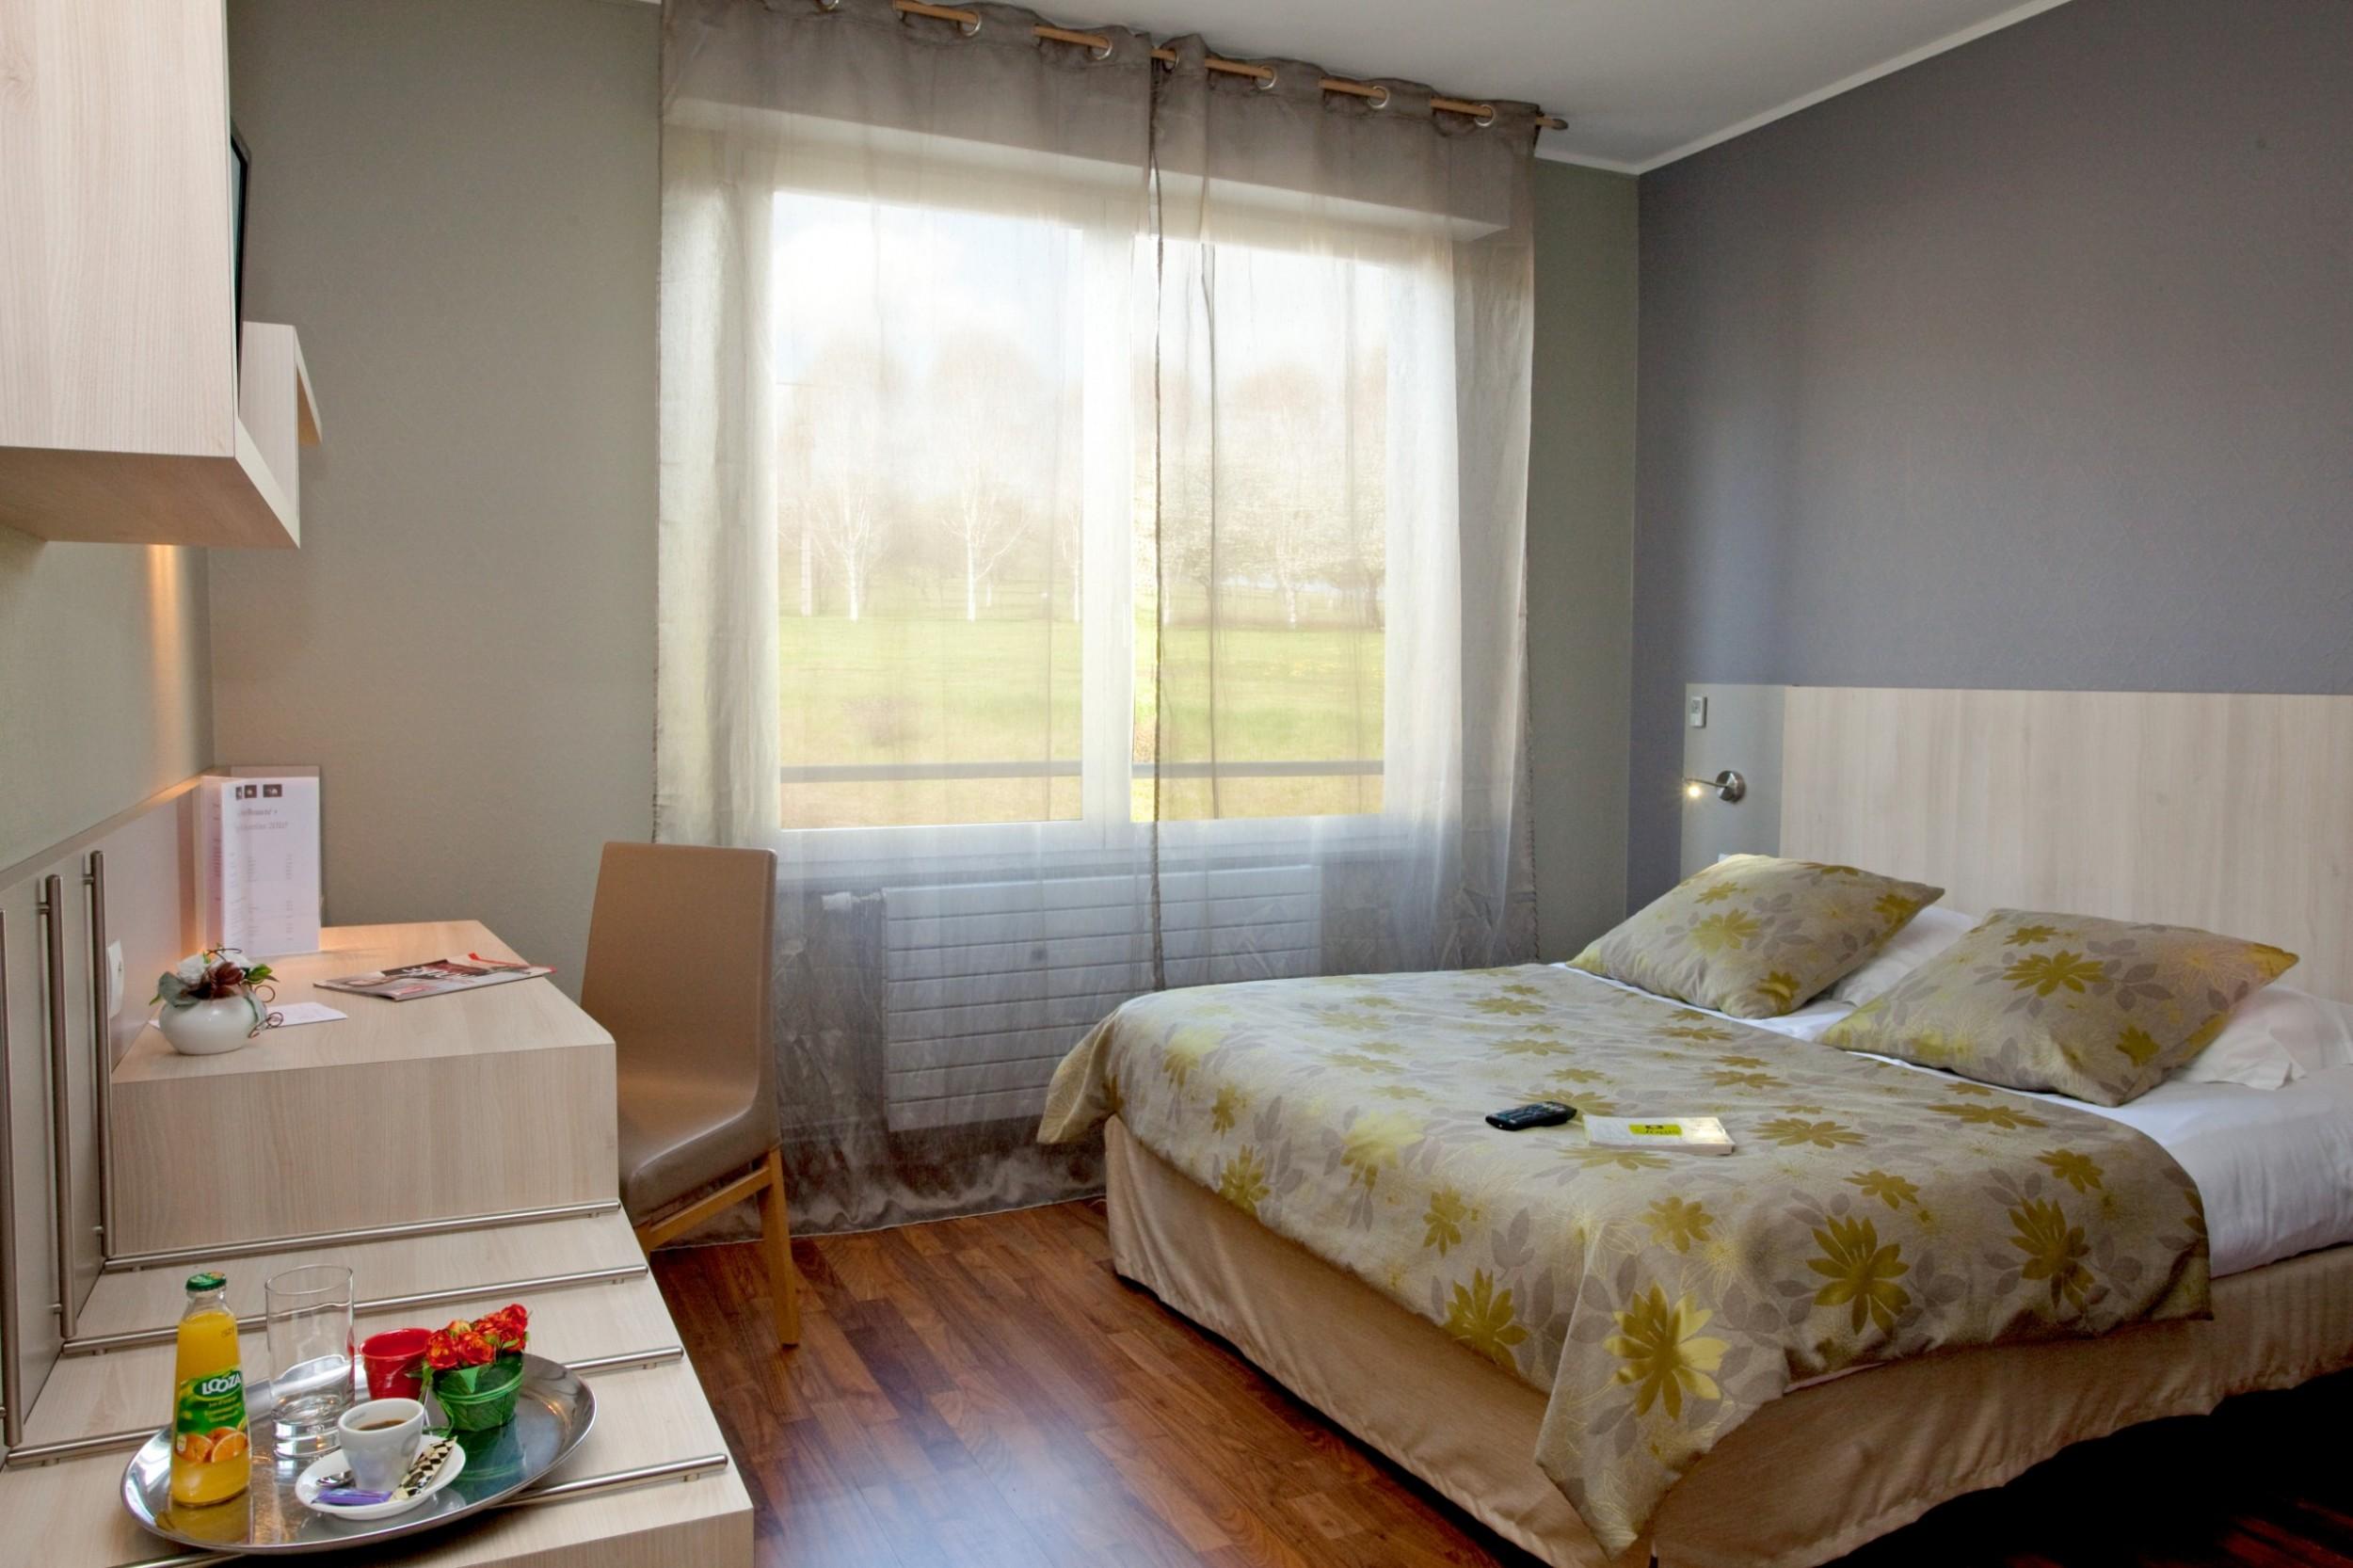 H u00f4tel l'orée du bois Hébergement& soins Vittel SPA # Hotel L Orée Du Bois Vittel